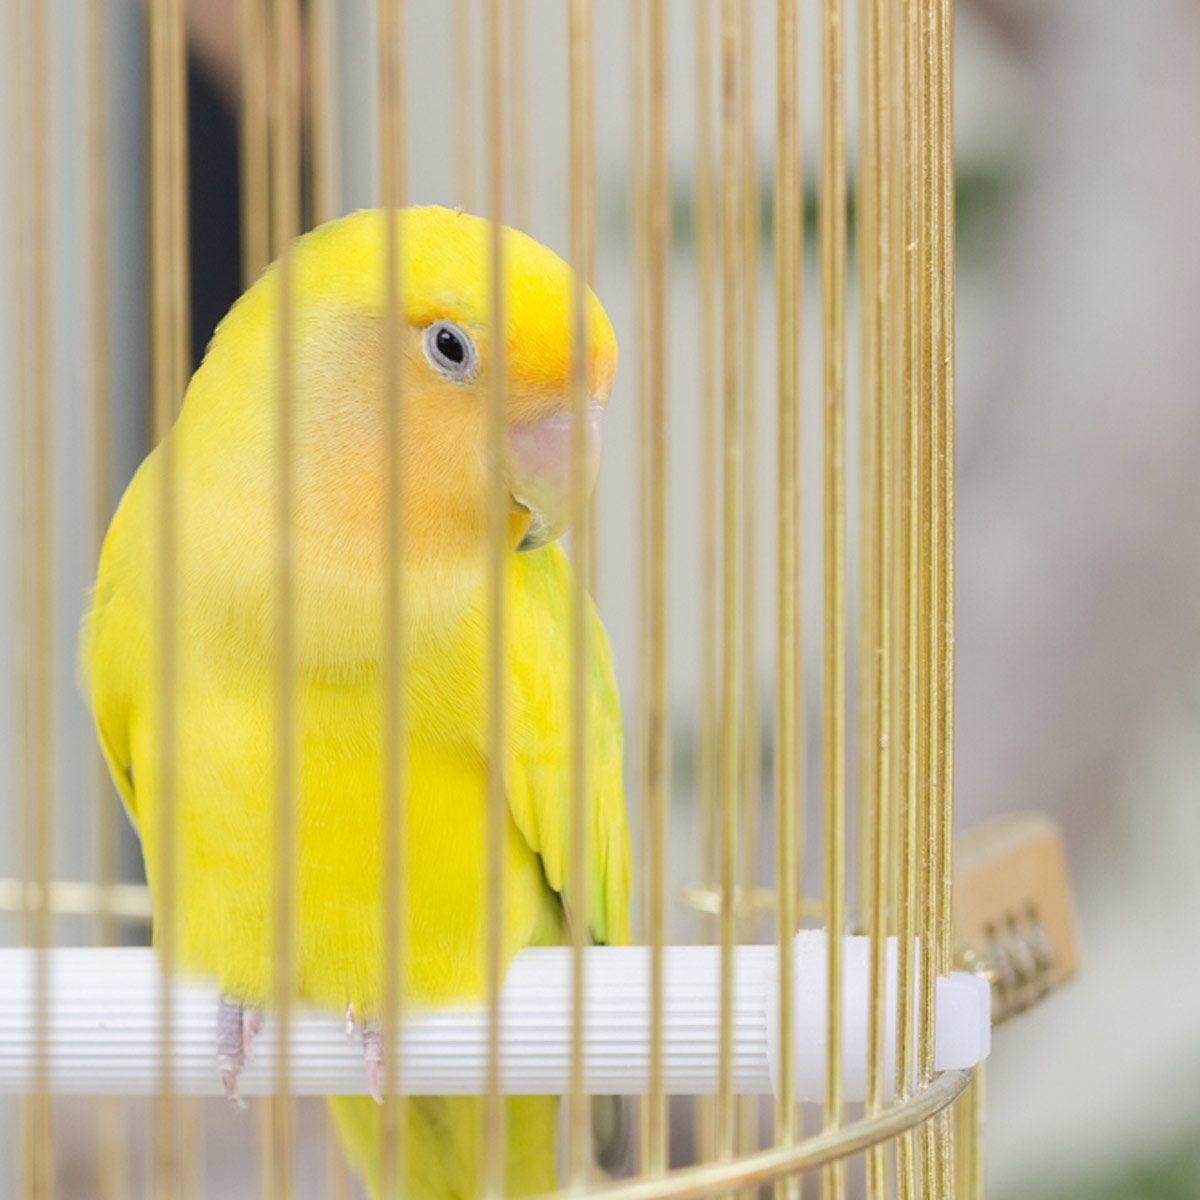 Pet bird in a cade yellow bird